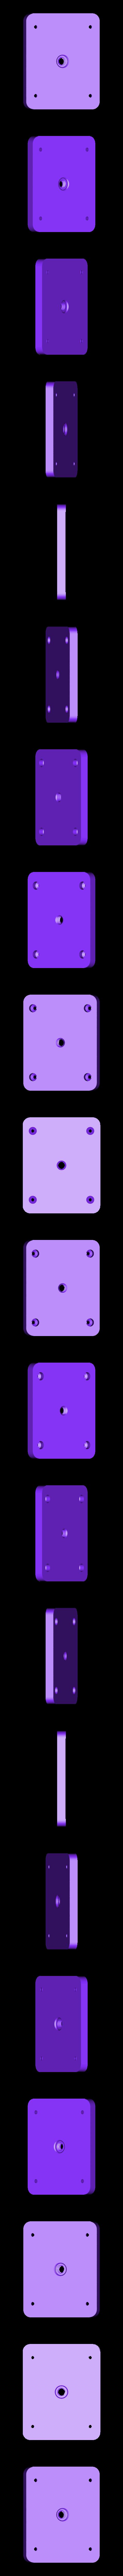 slider-tripod-mount.stl Télécharger fichier STL gratuit Slider de caméra motorisé MK3 • Modèle pour impression 3D, Adafruit